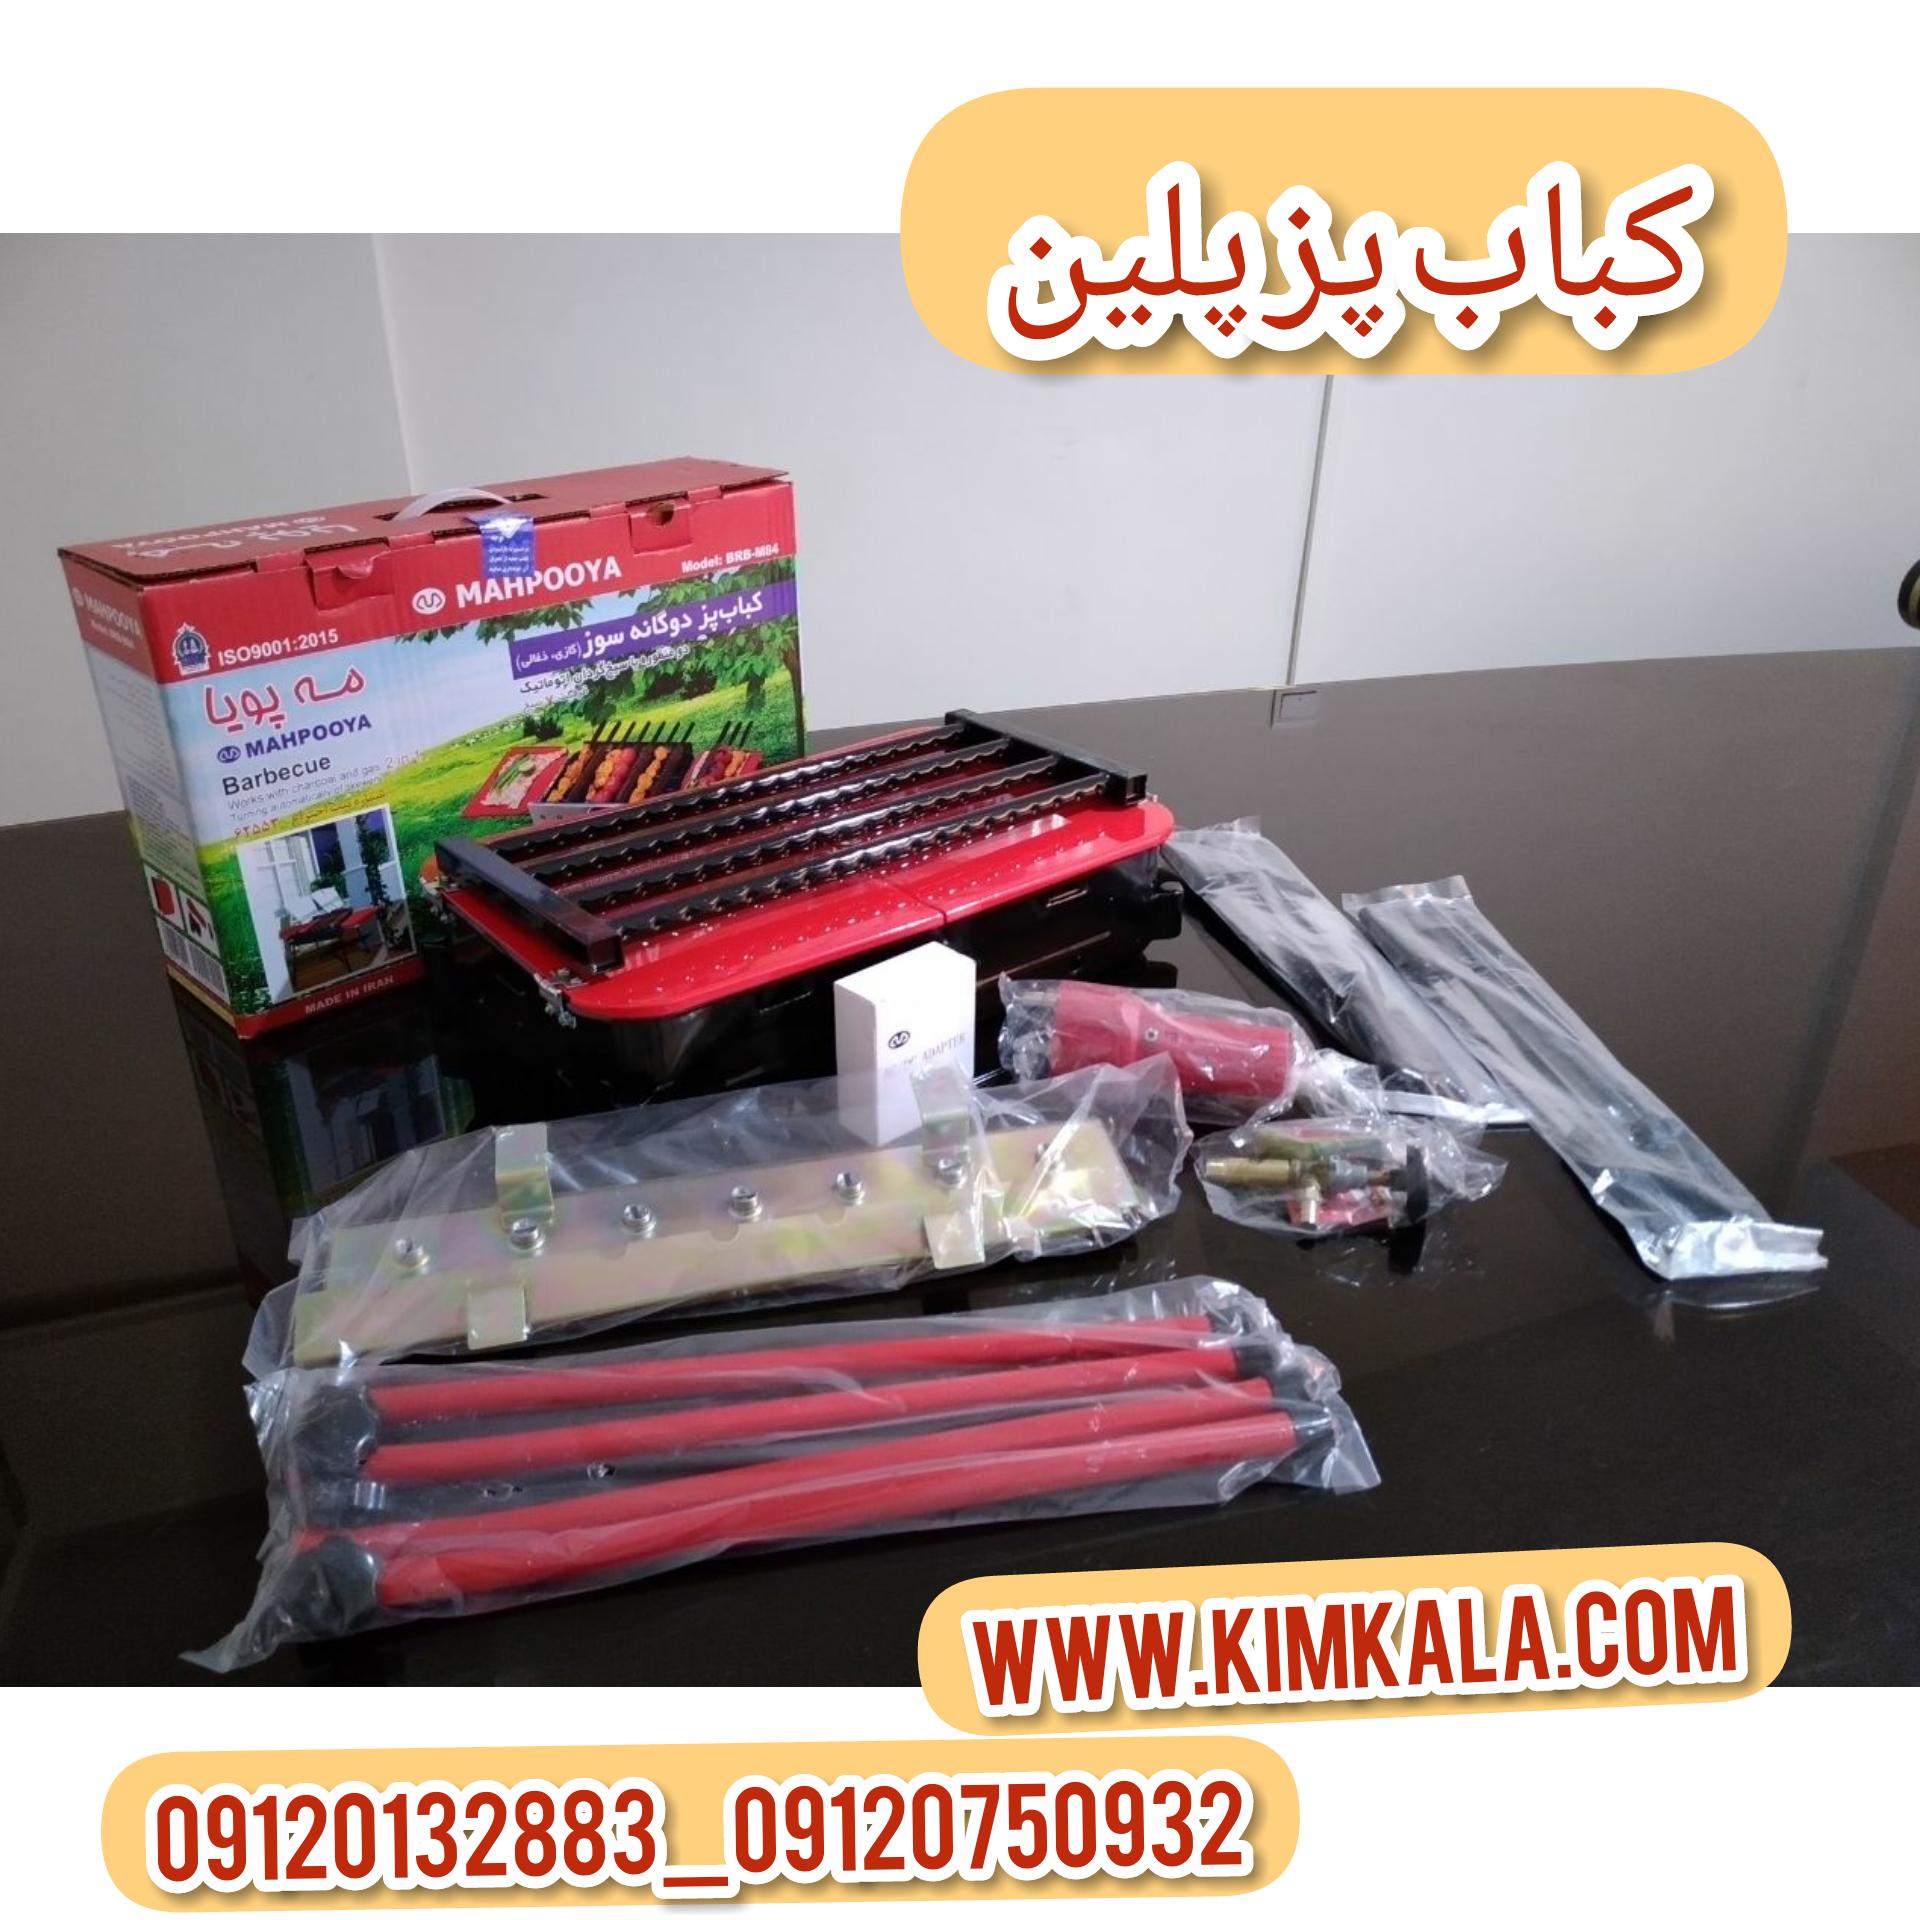 کباب پز پلین۰۹۱۲۰۱۳۲۸۸۳/قیمت کباب پز پلین